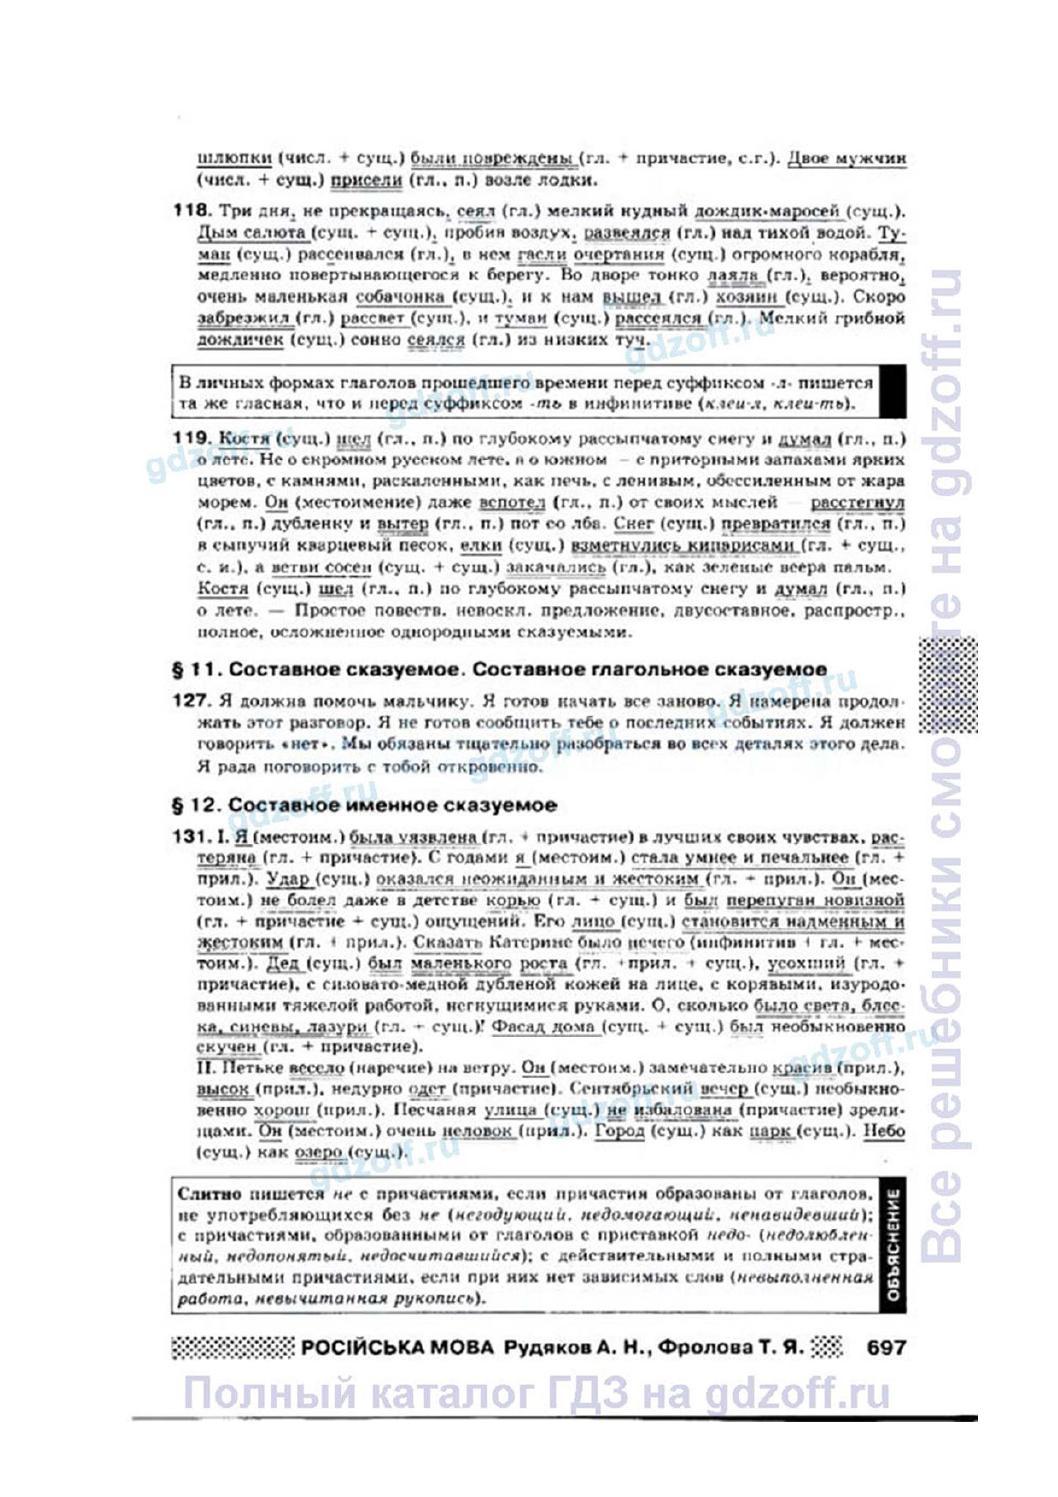 Учебник русского языка 11 класс а.рудяков т фролова е быкова решение